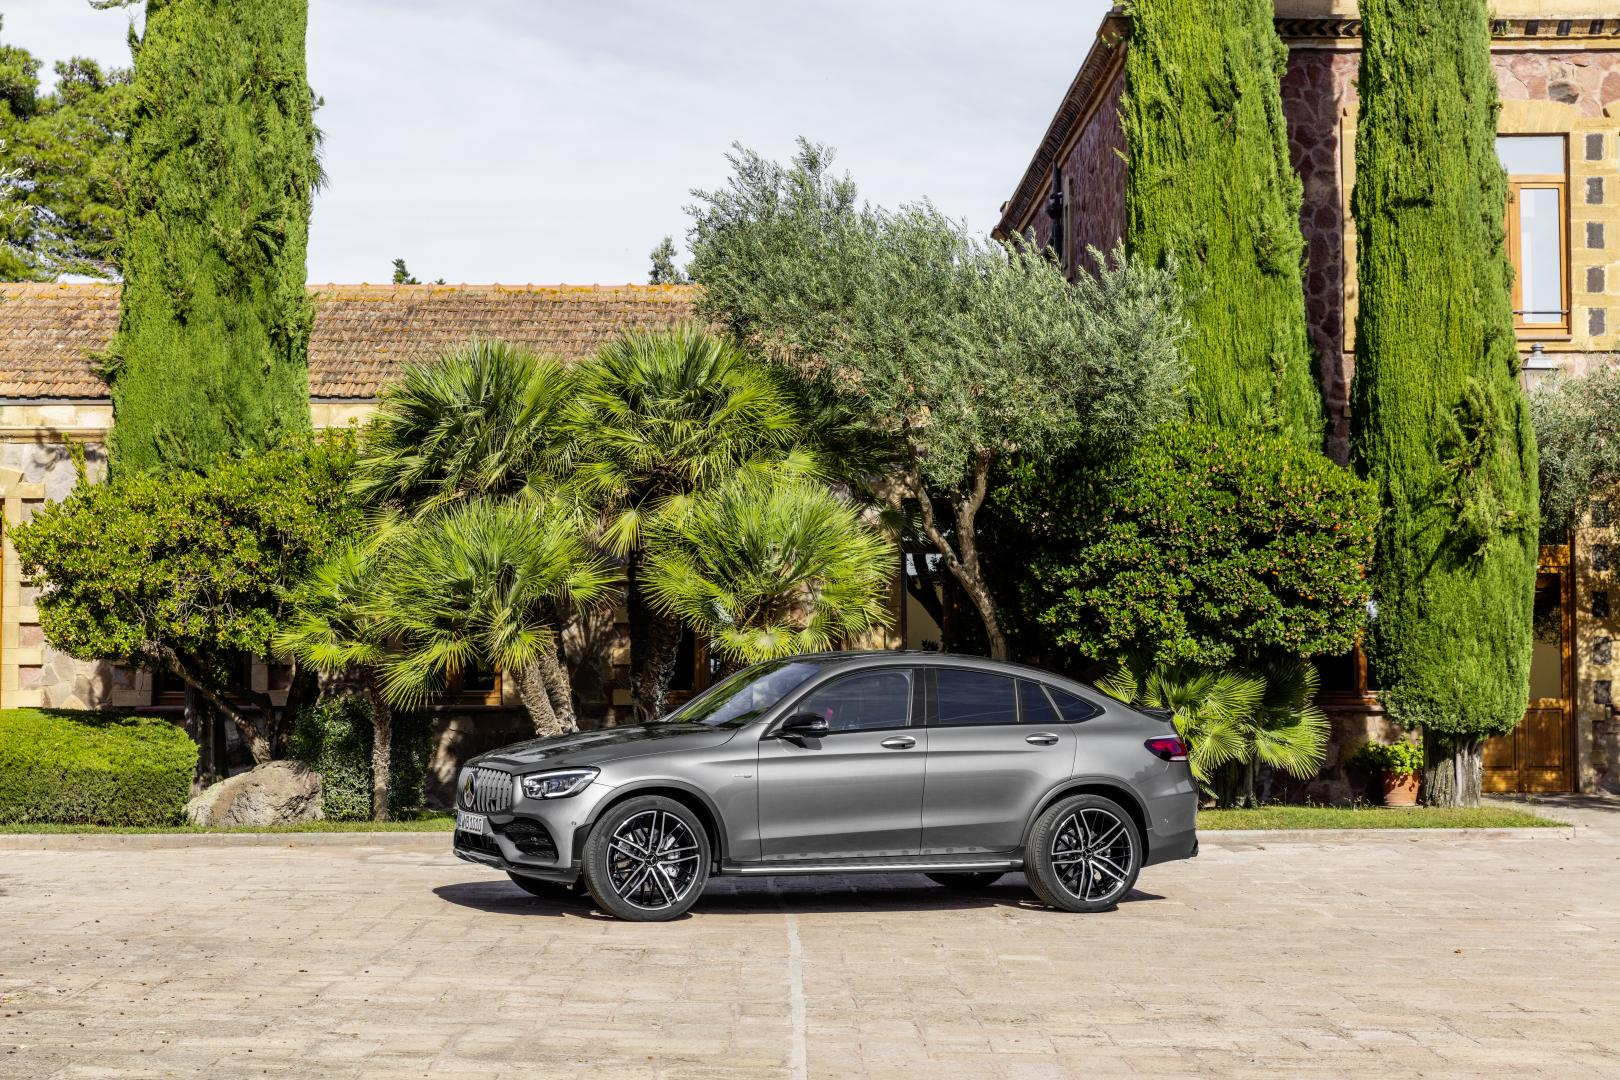 Mercedes-AMG GLC 43